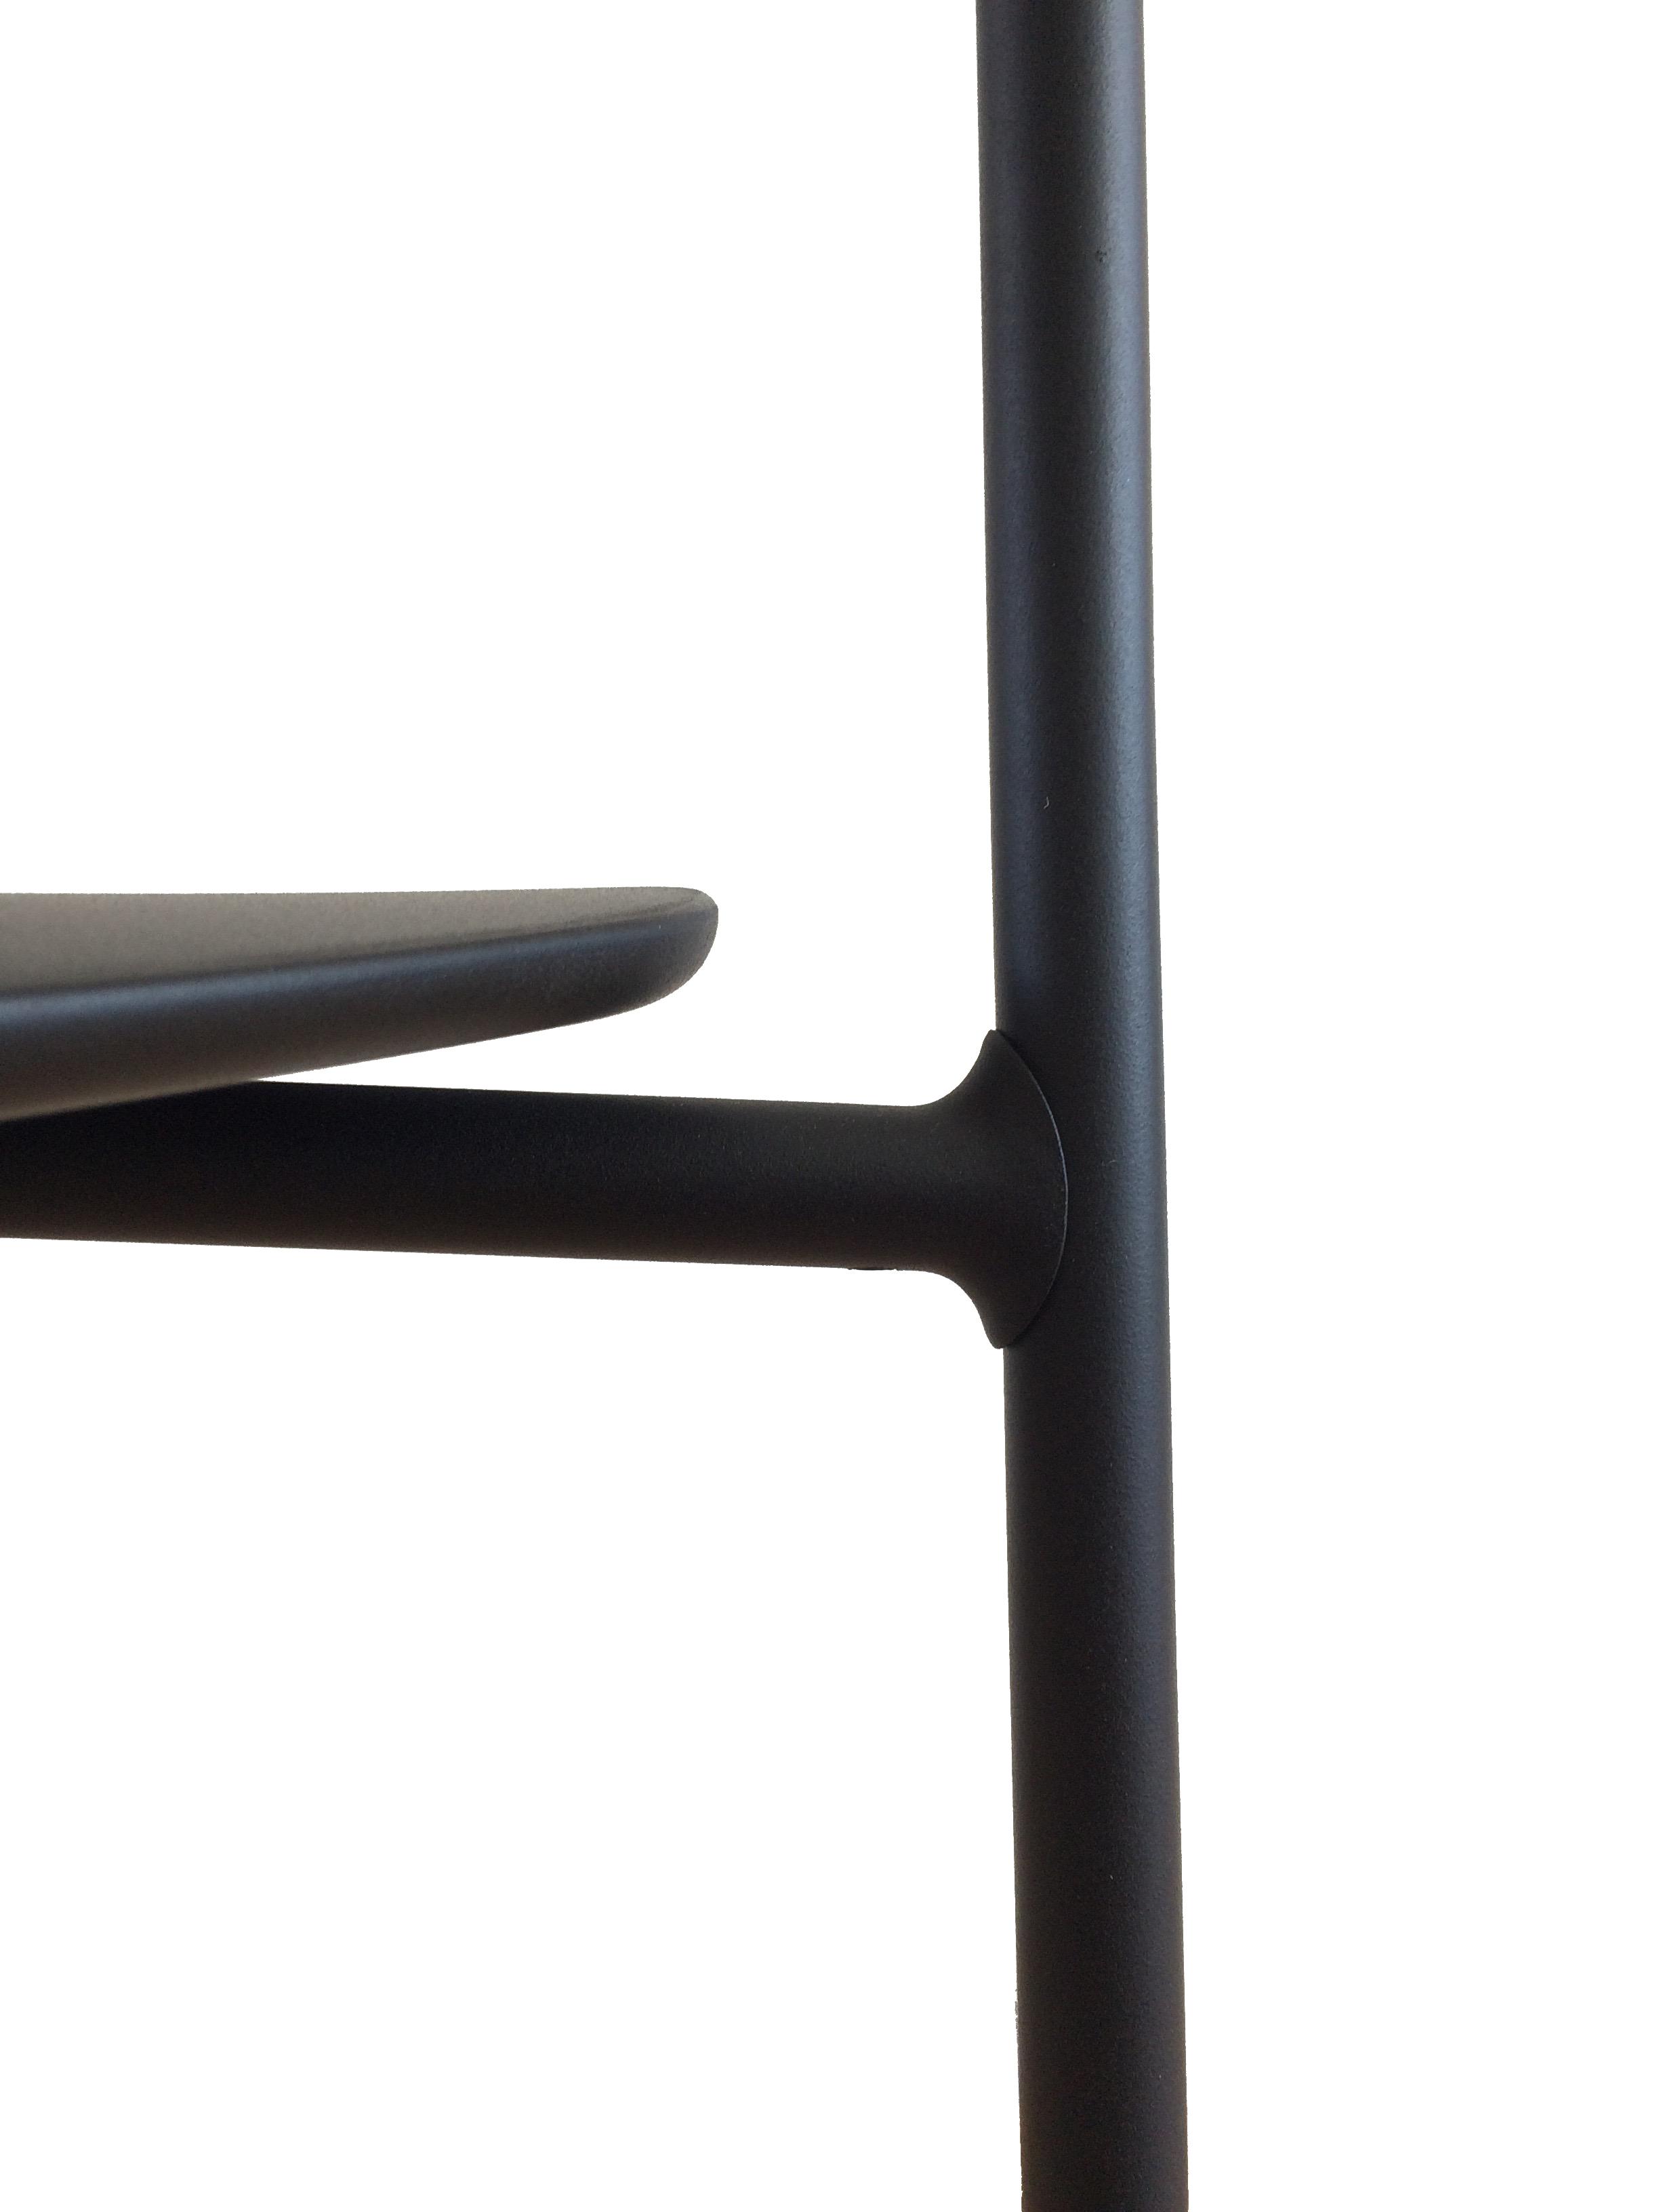 chair_detail2.jpg